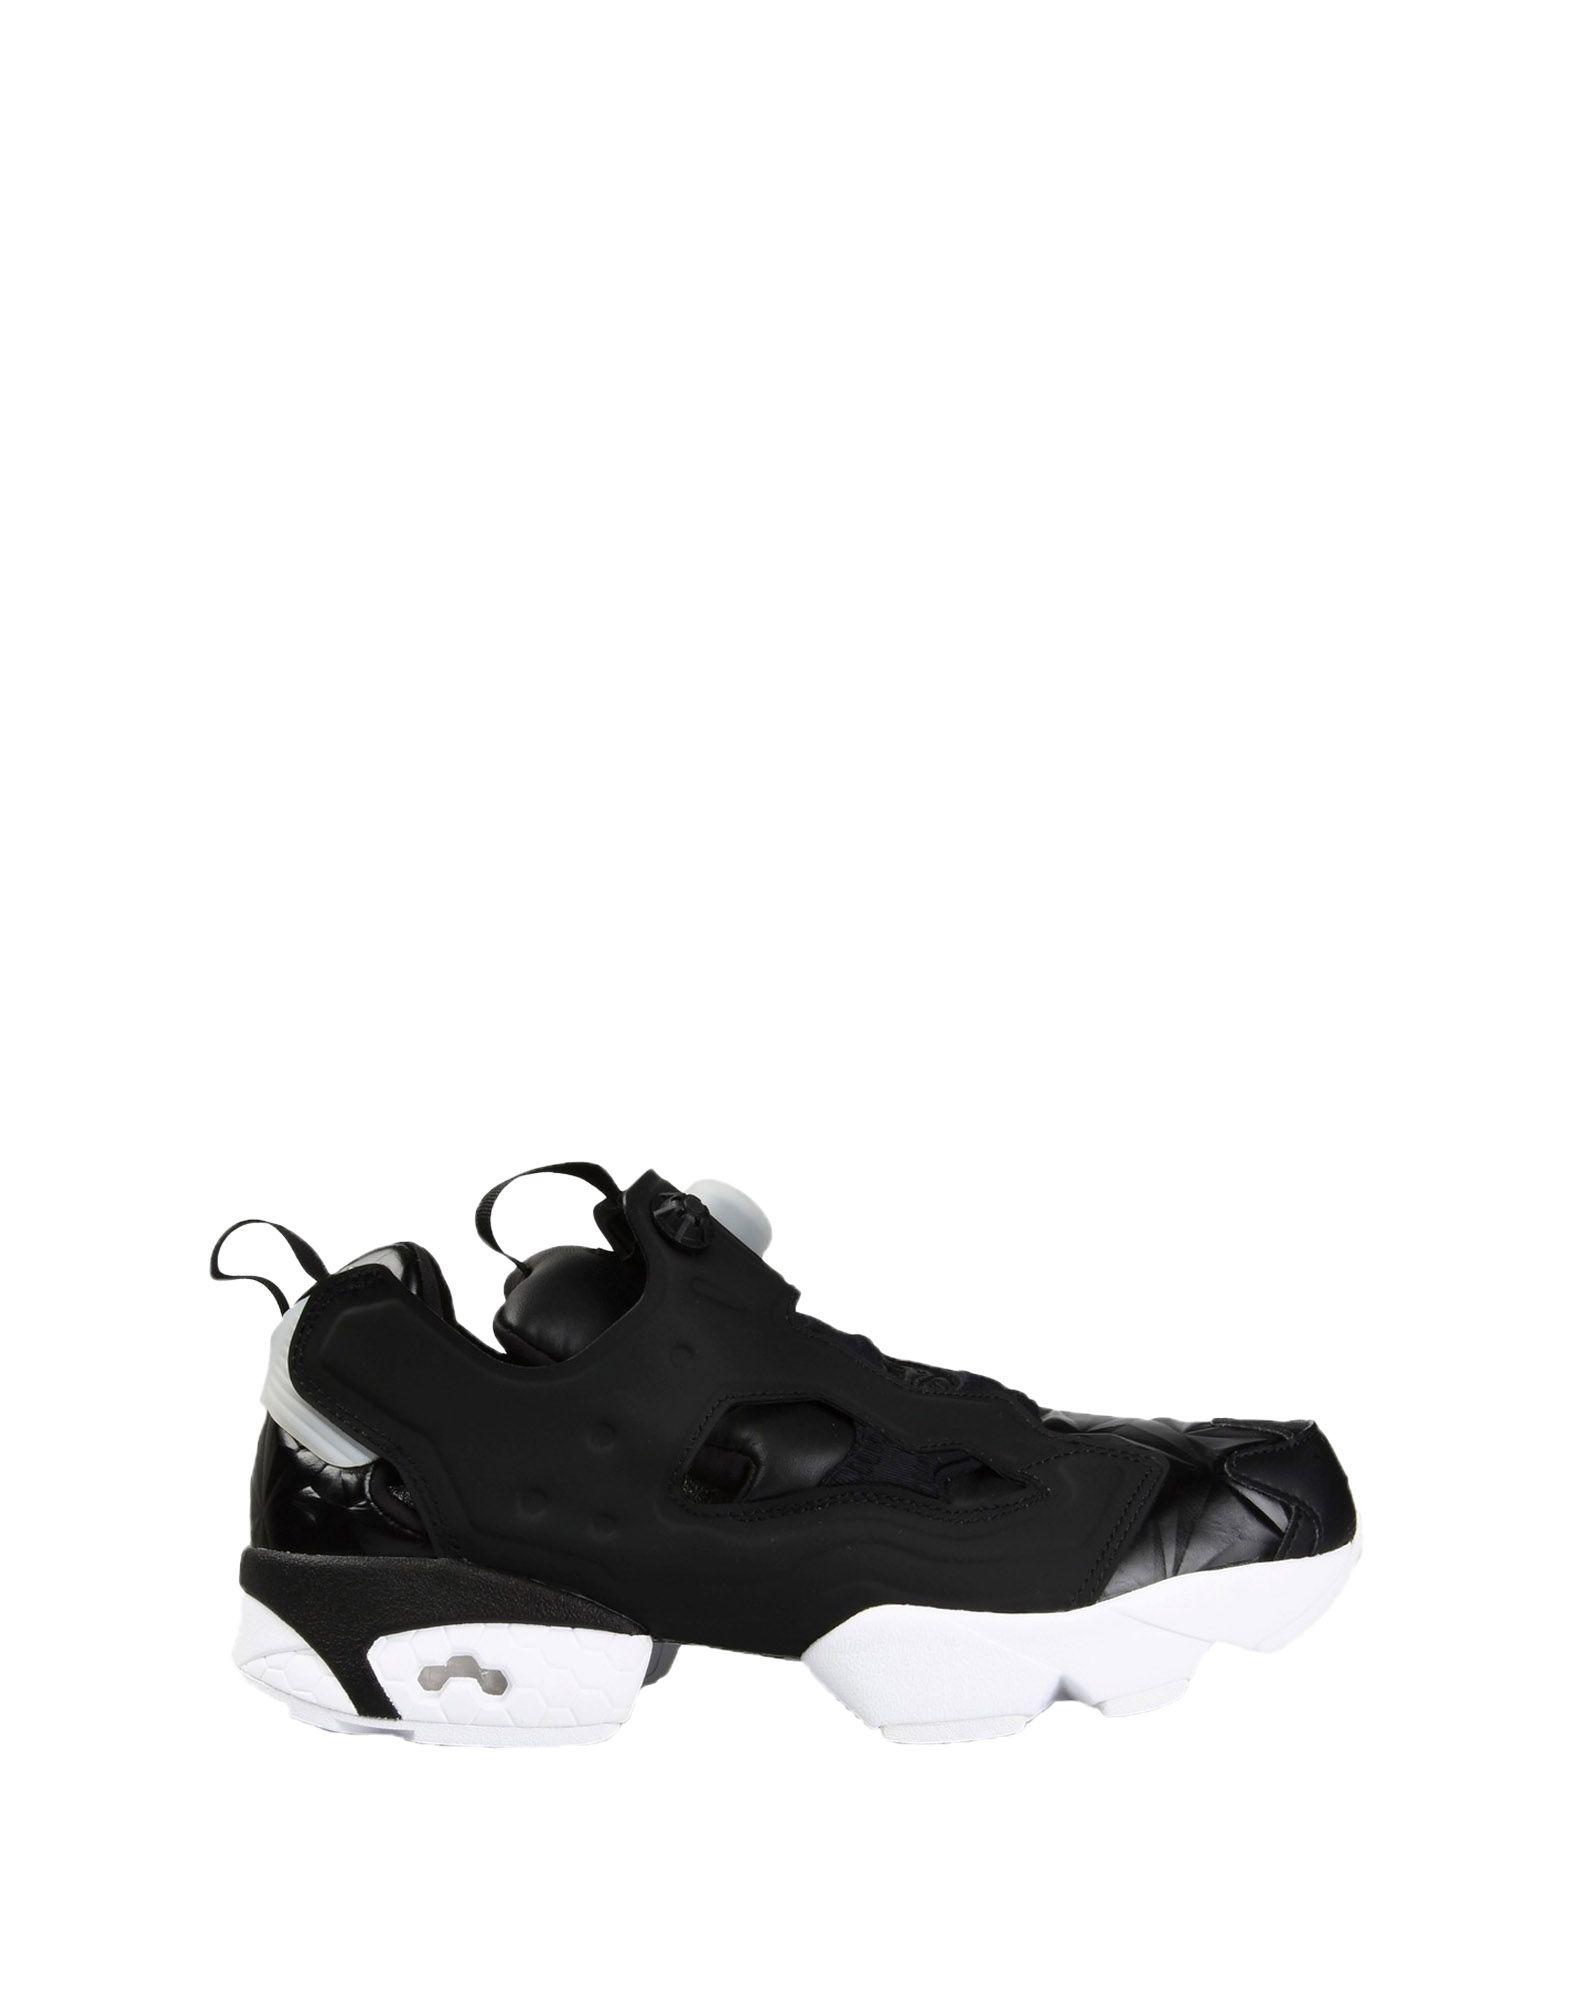 Sneakers Reebok Instapump Fury Hype - Femme - Sneakers Reebok sur